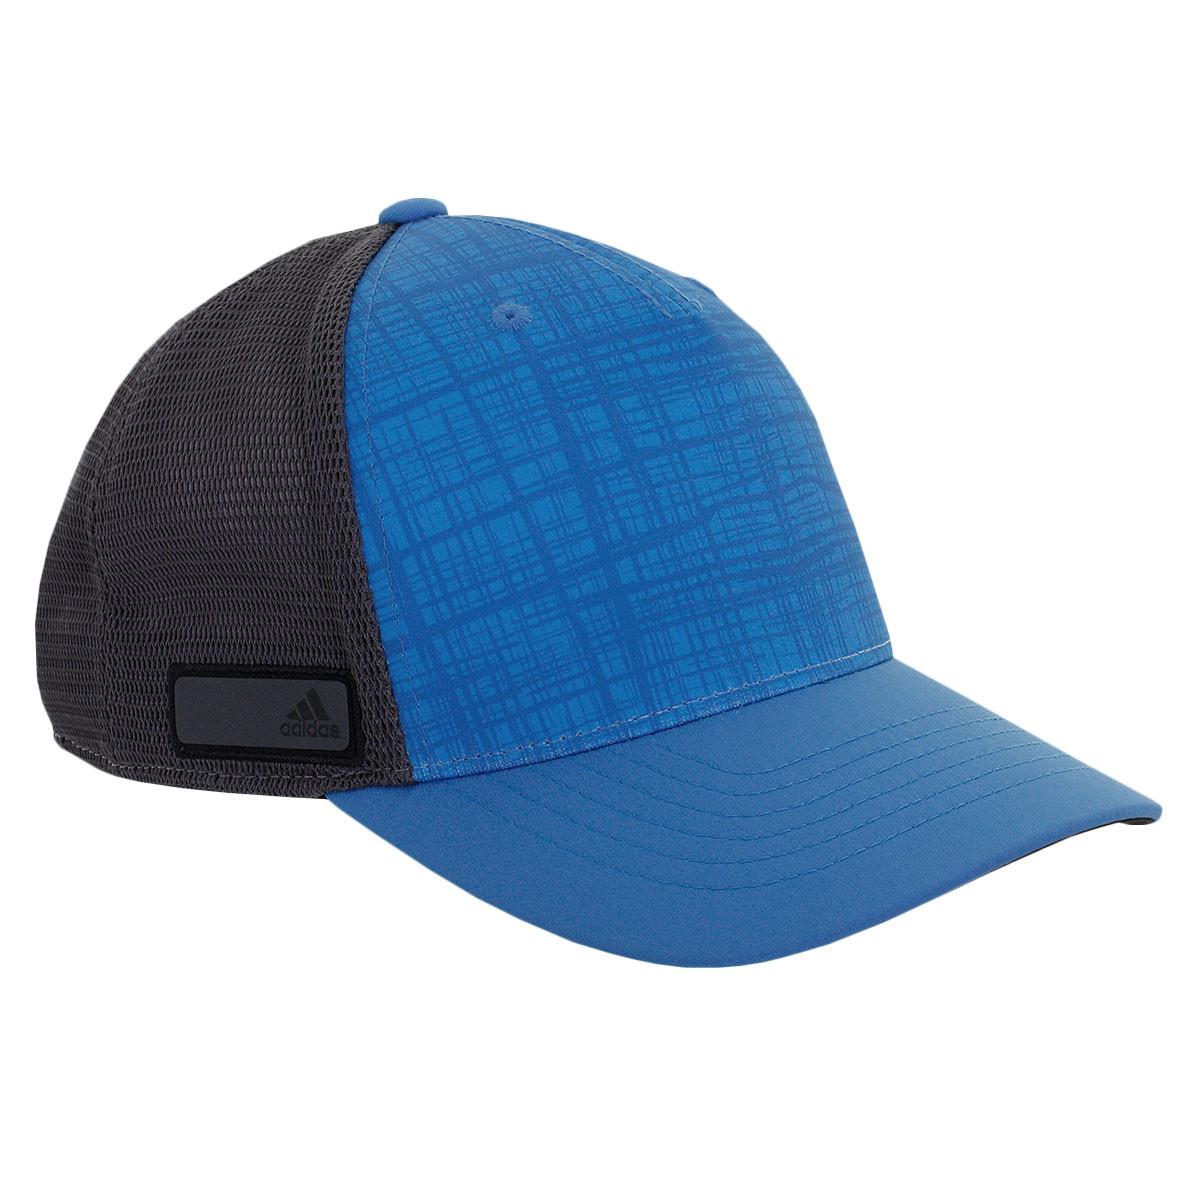 adidas Golf Mens Climacool Colourblock Mesh Cap cad5f5ebe2f6